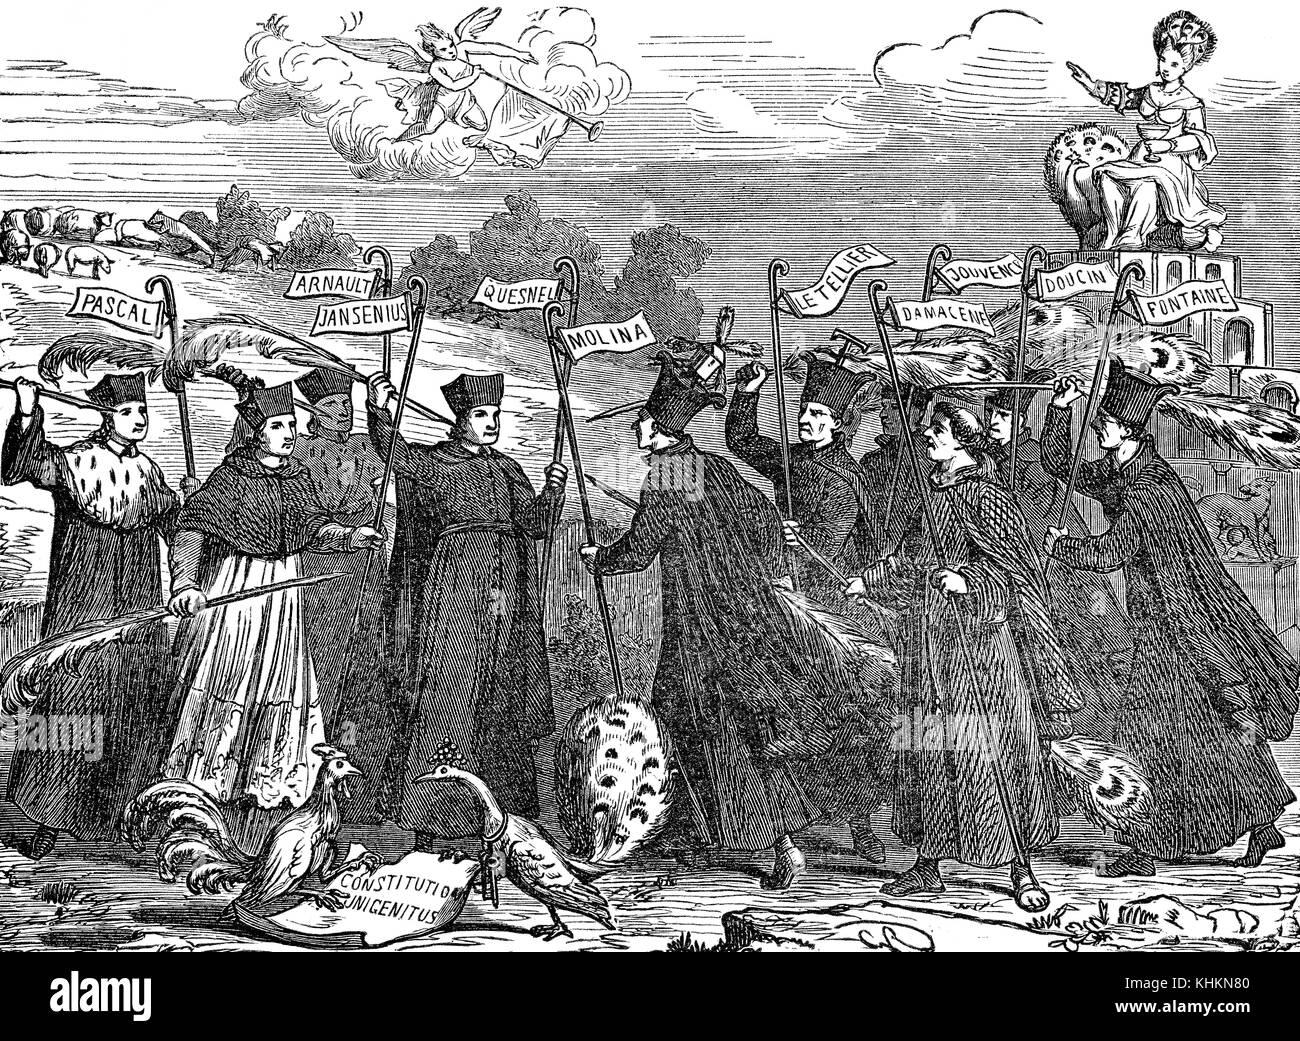 Eine satirische Broschüre über Molinism und Jansenismus im 17. Jahrhundert Stockfoto